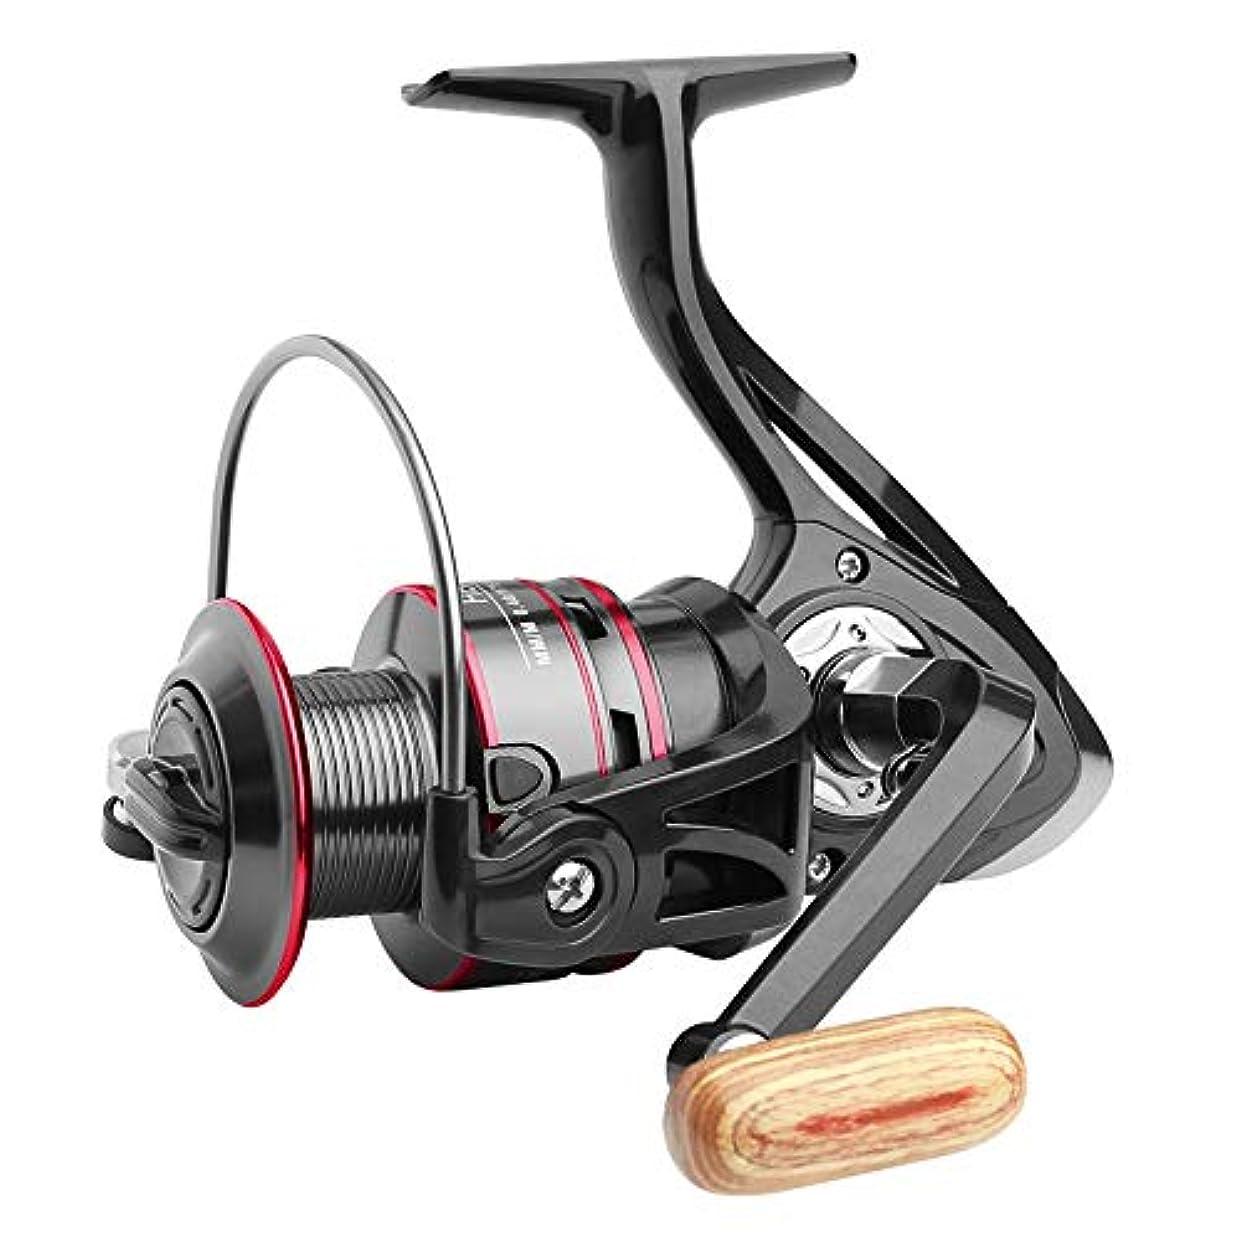 砂の取り組む落ち着かないHYBJP スピニングリール 軽量 12 BB 淡水釣り 海釣り 精密 高強度 5.2:1 500-7000 (Color : ブラック, Size : 5000)